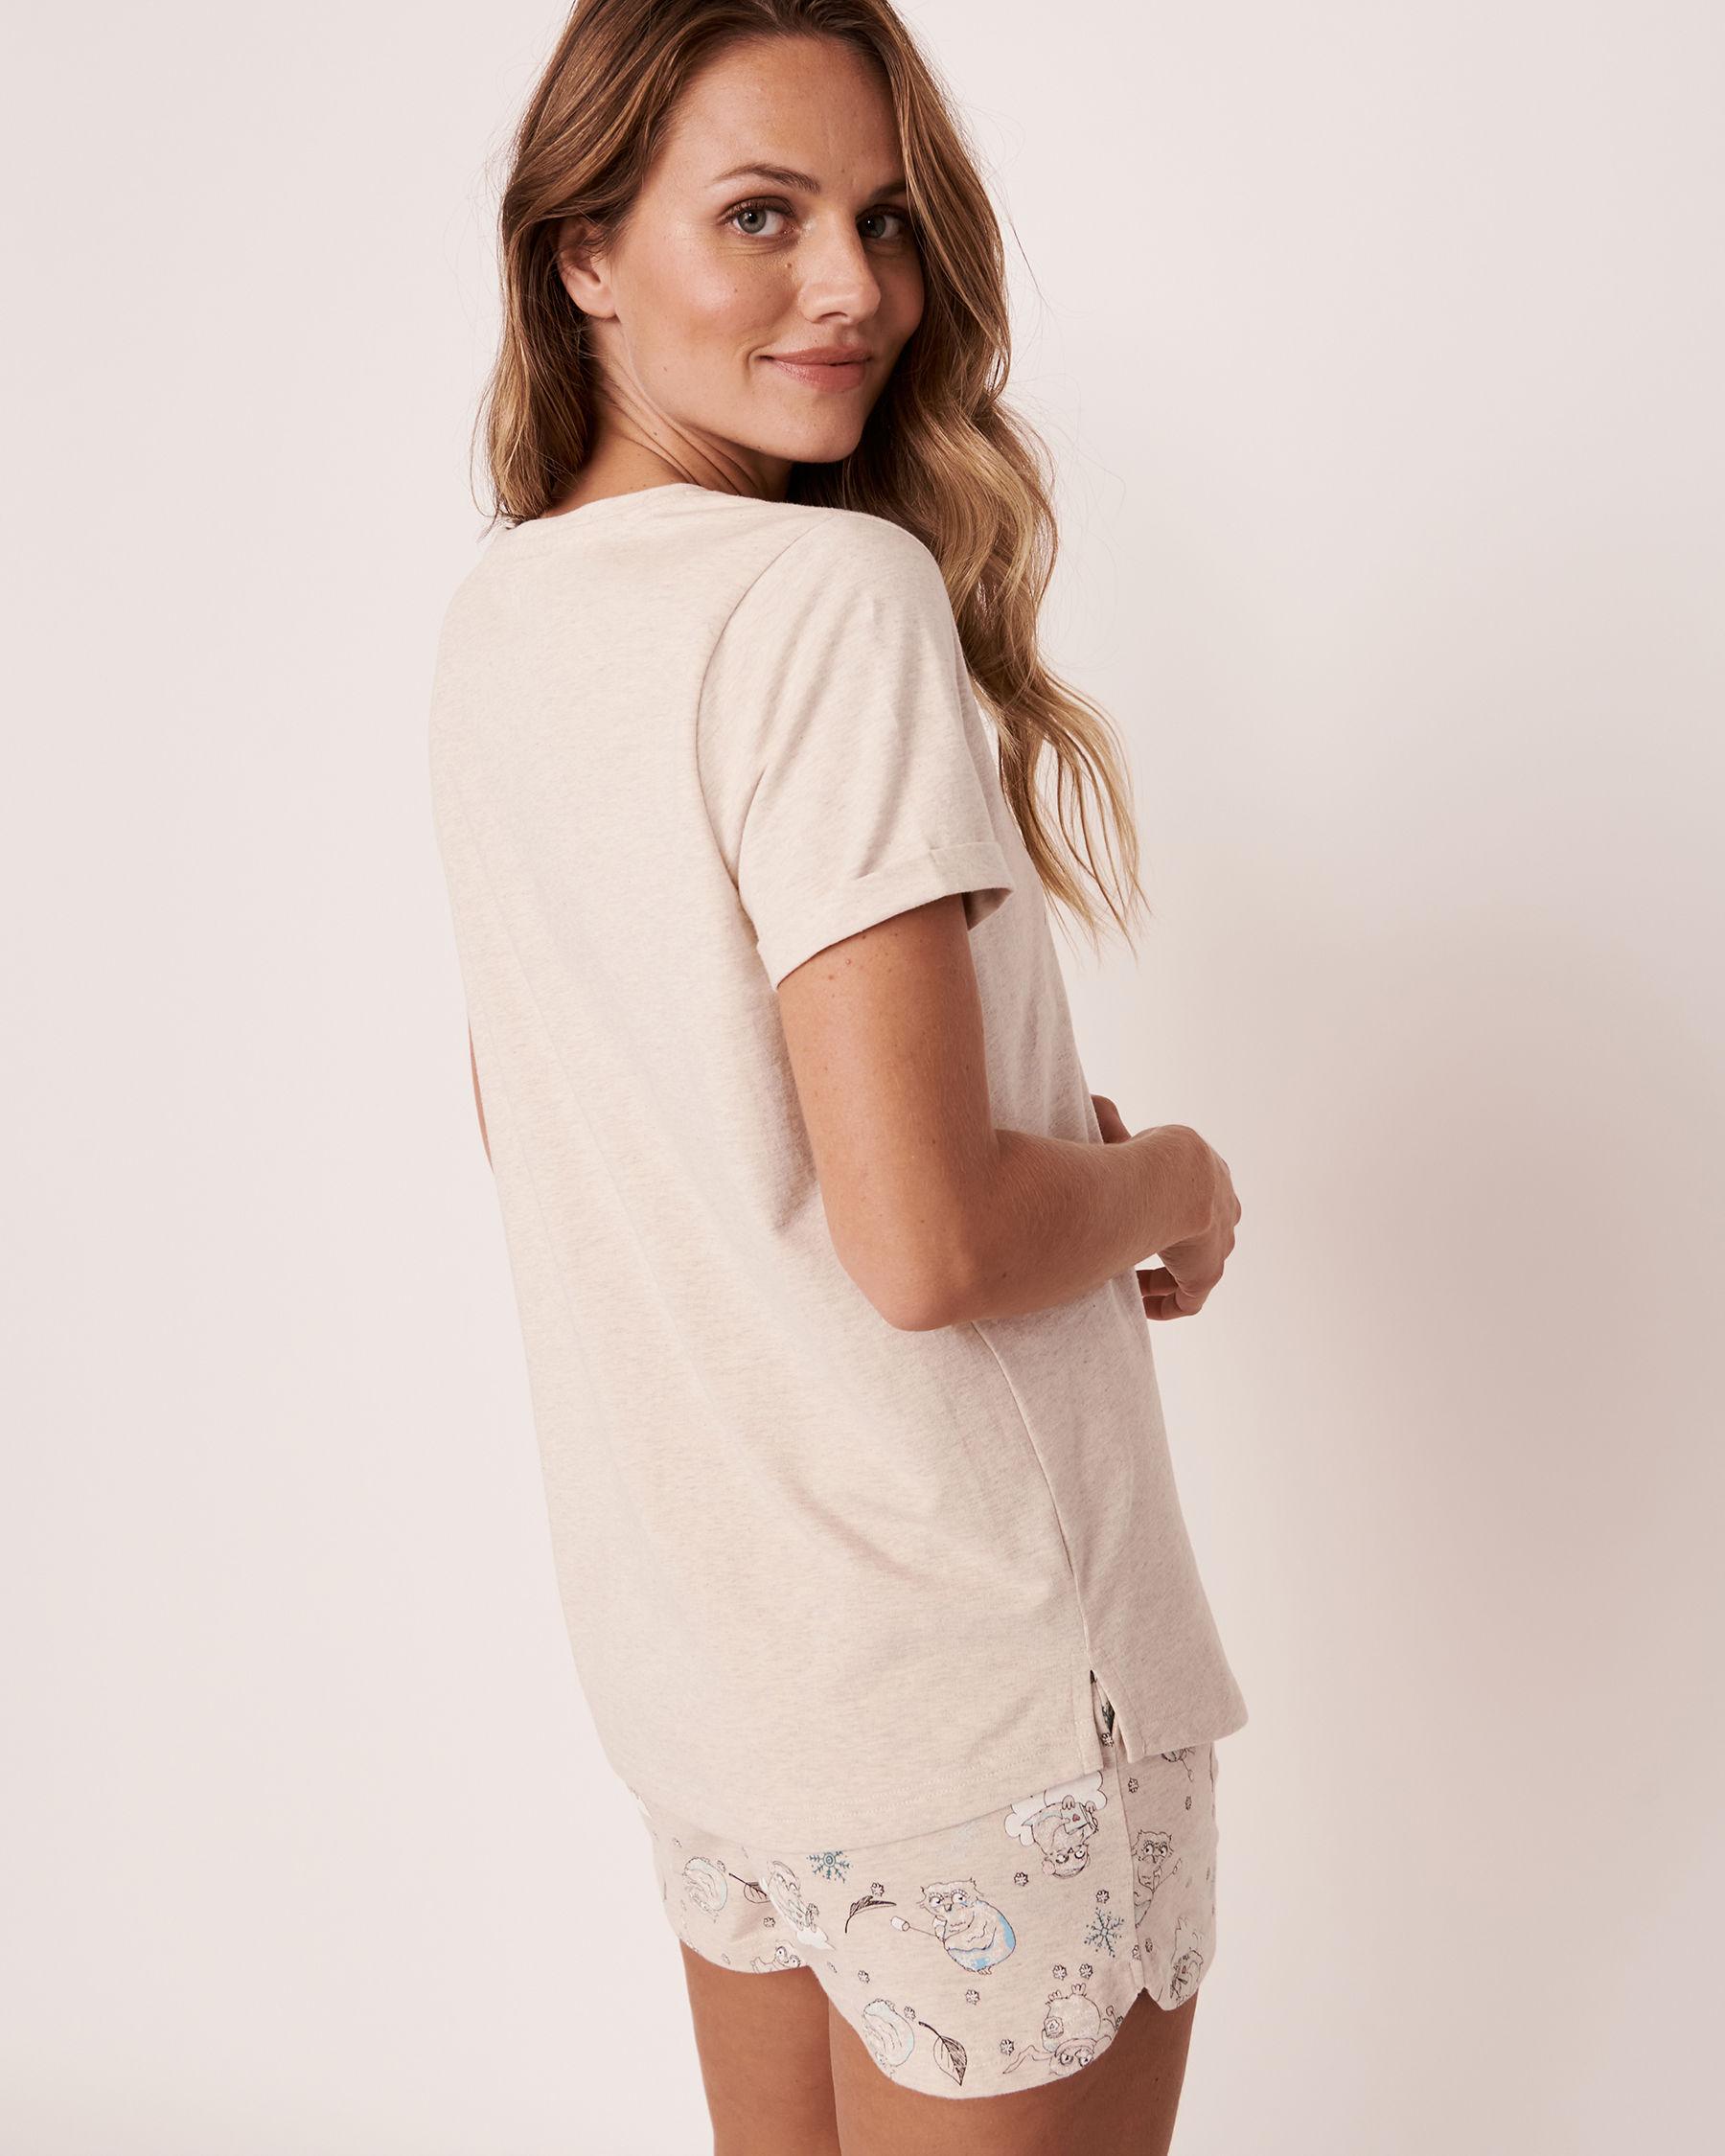 LA VIE EN ROSE Organic Cotton V-neck T-shirt Oatmeal 40100153 - View2